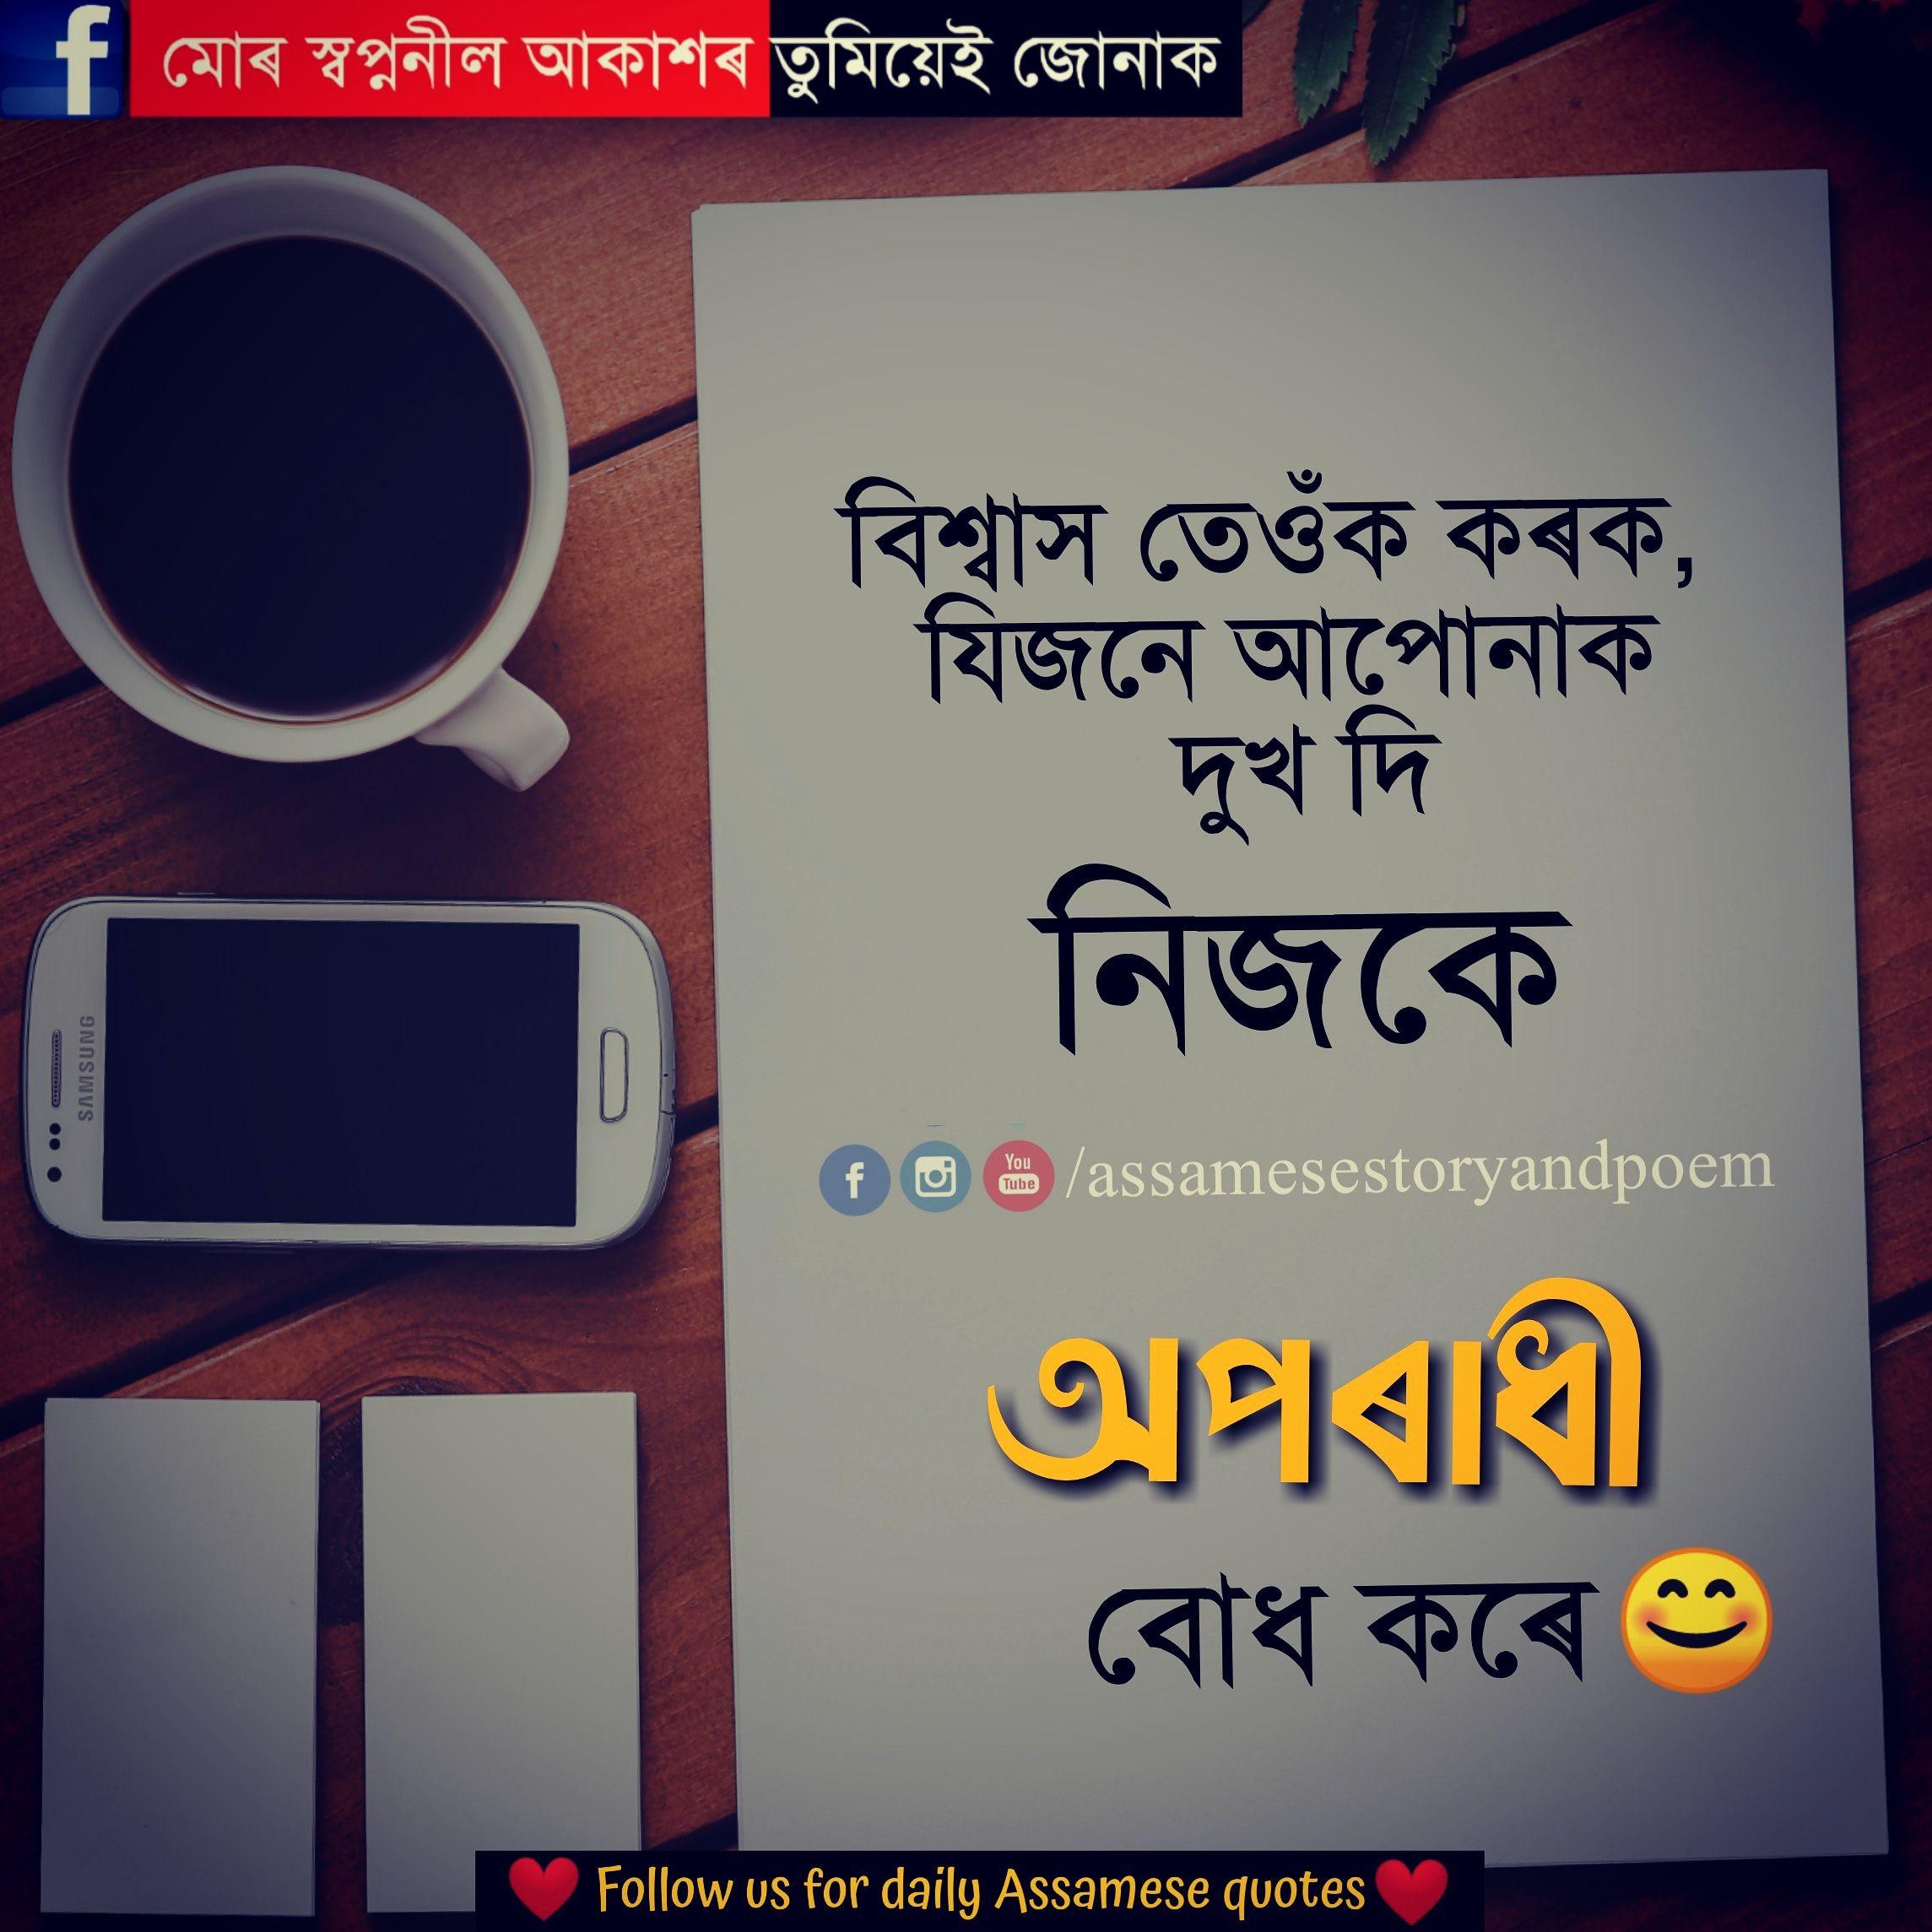 Anniversary Wishes For Boyfriend In Assamese